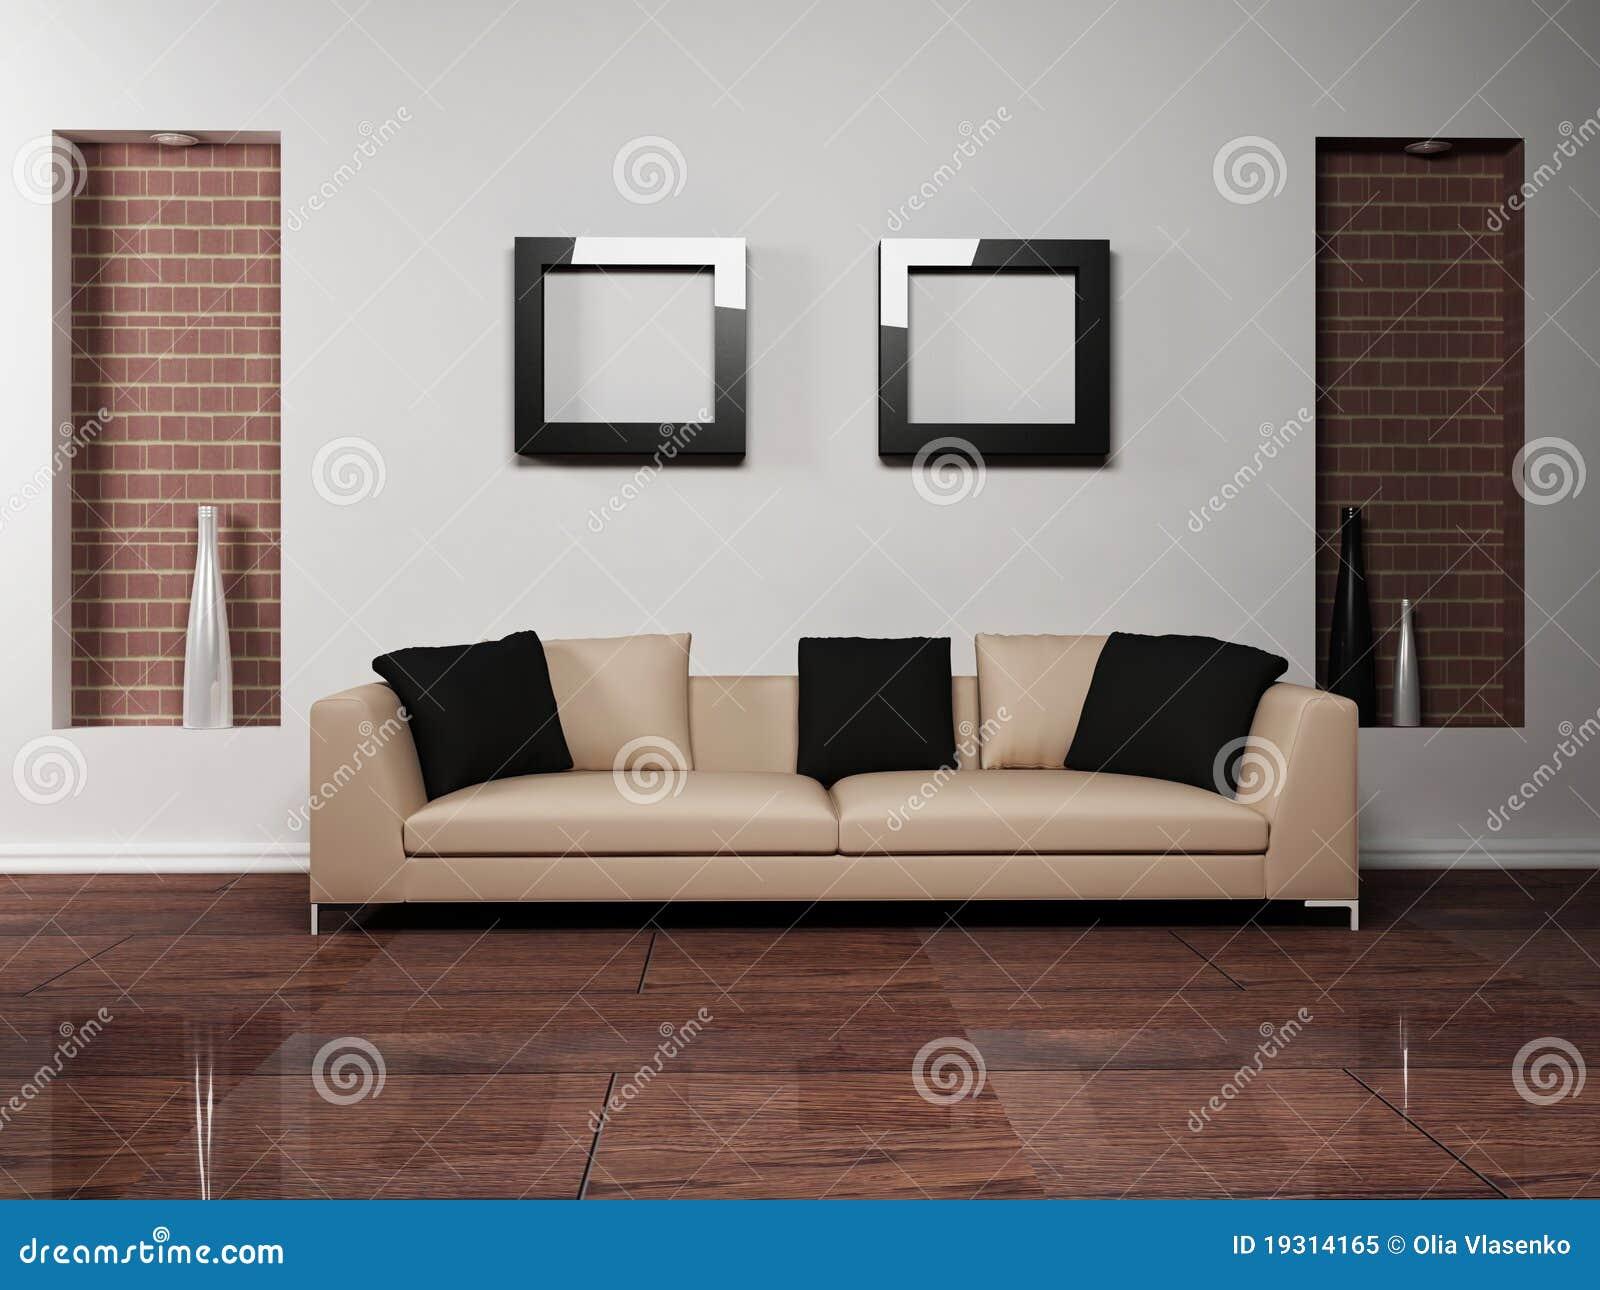 Dise o interior moderno de sala de estar con foto de archivo libre de regal as imagen 19314165 for Diseno interior moderno